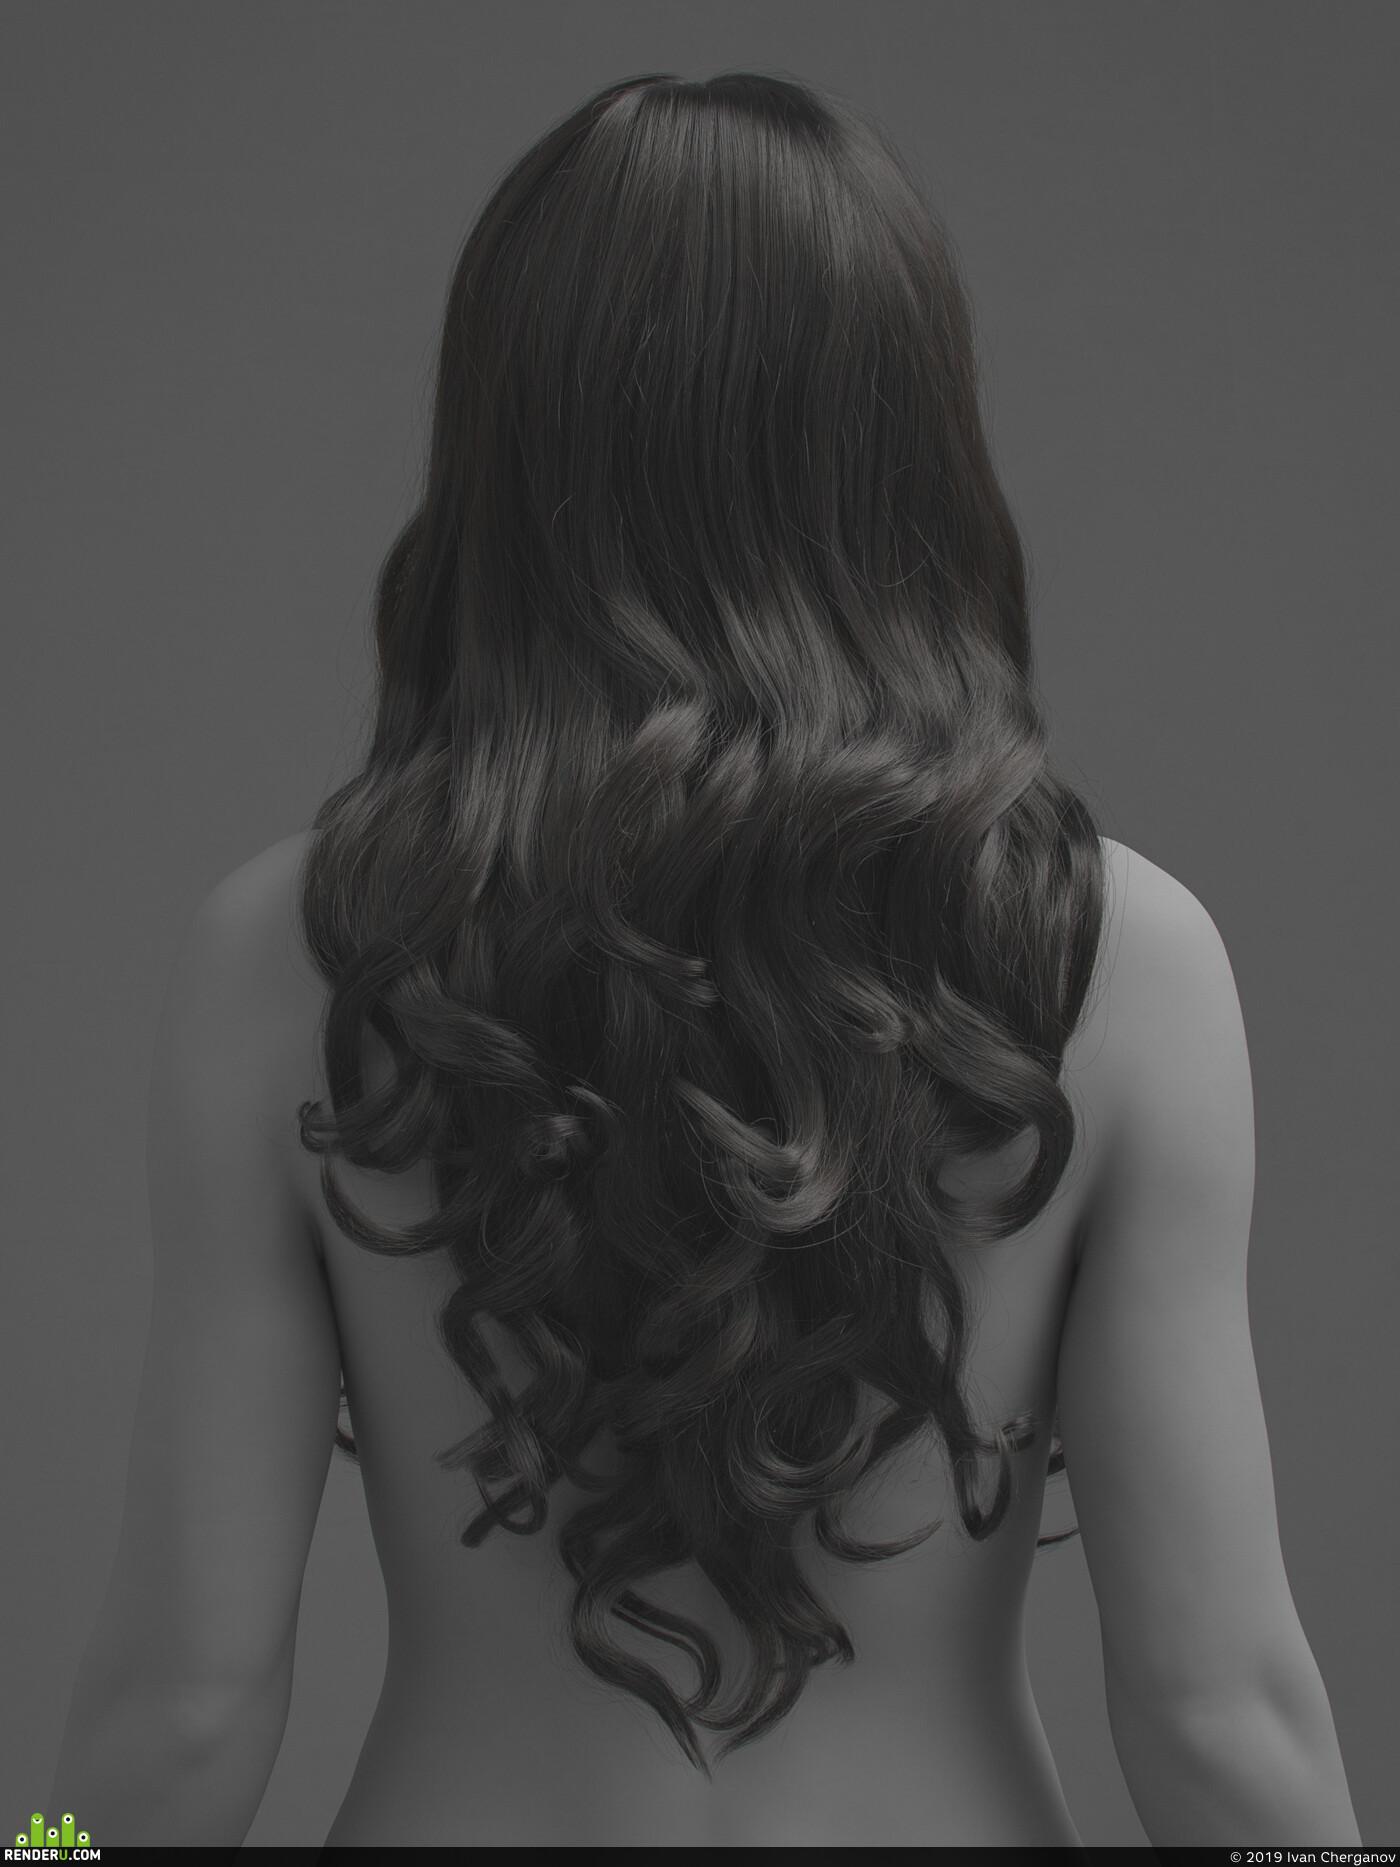 XGen, grooming, hair